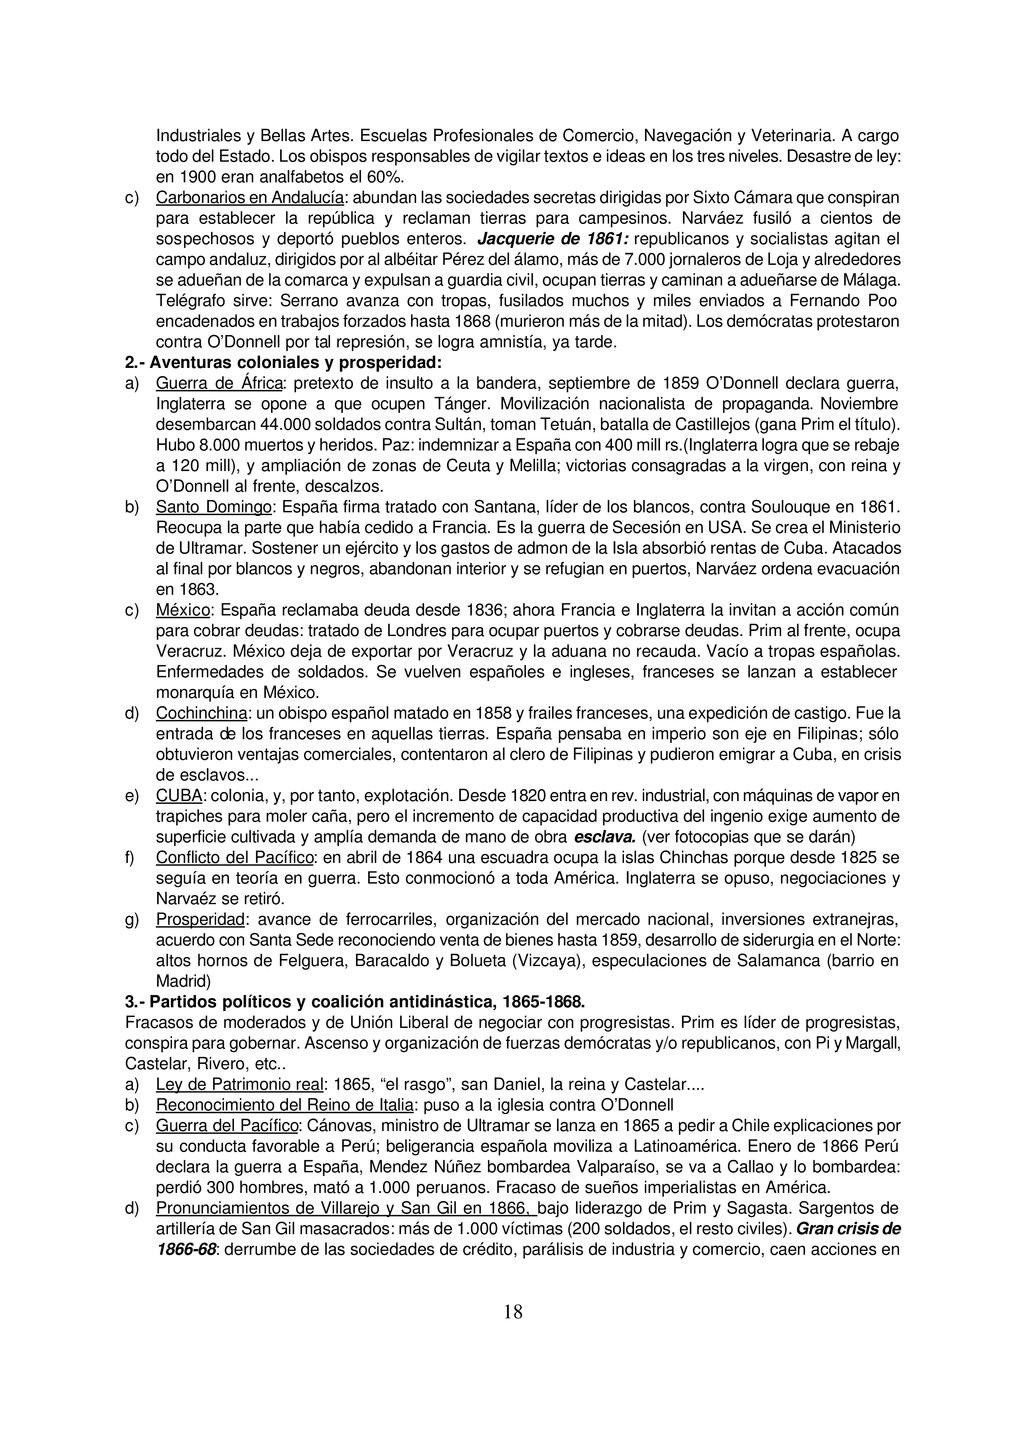 18 Industriales y Bellas Artes. Escuelas Profes...